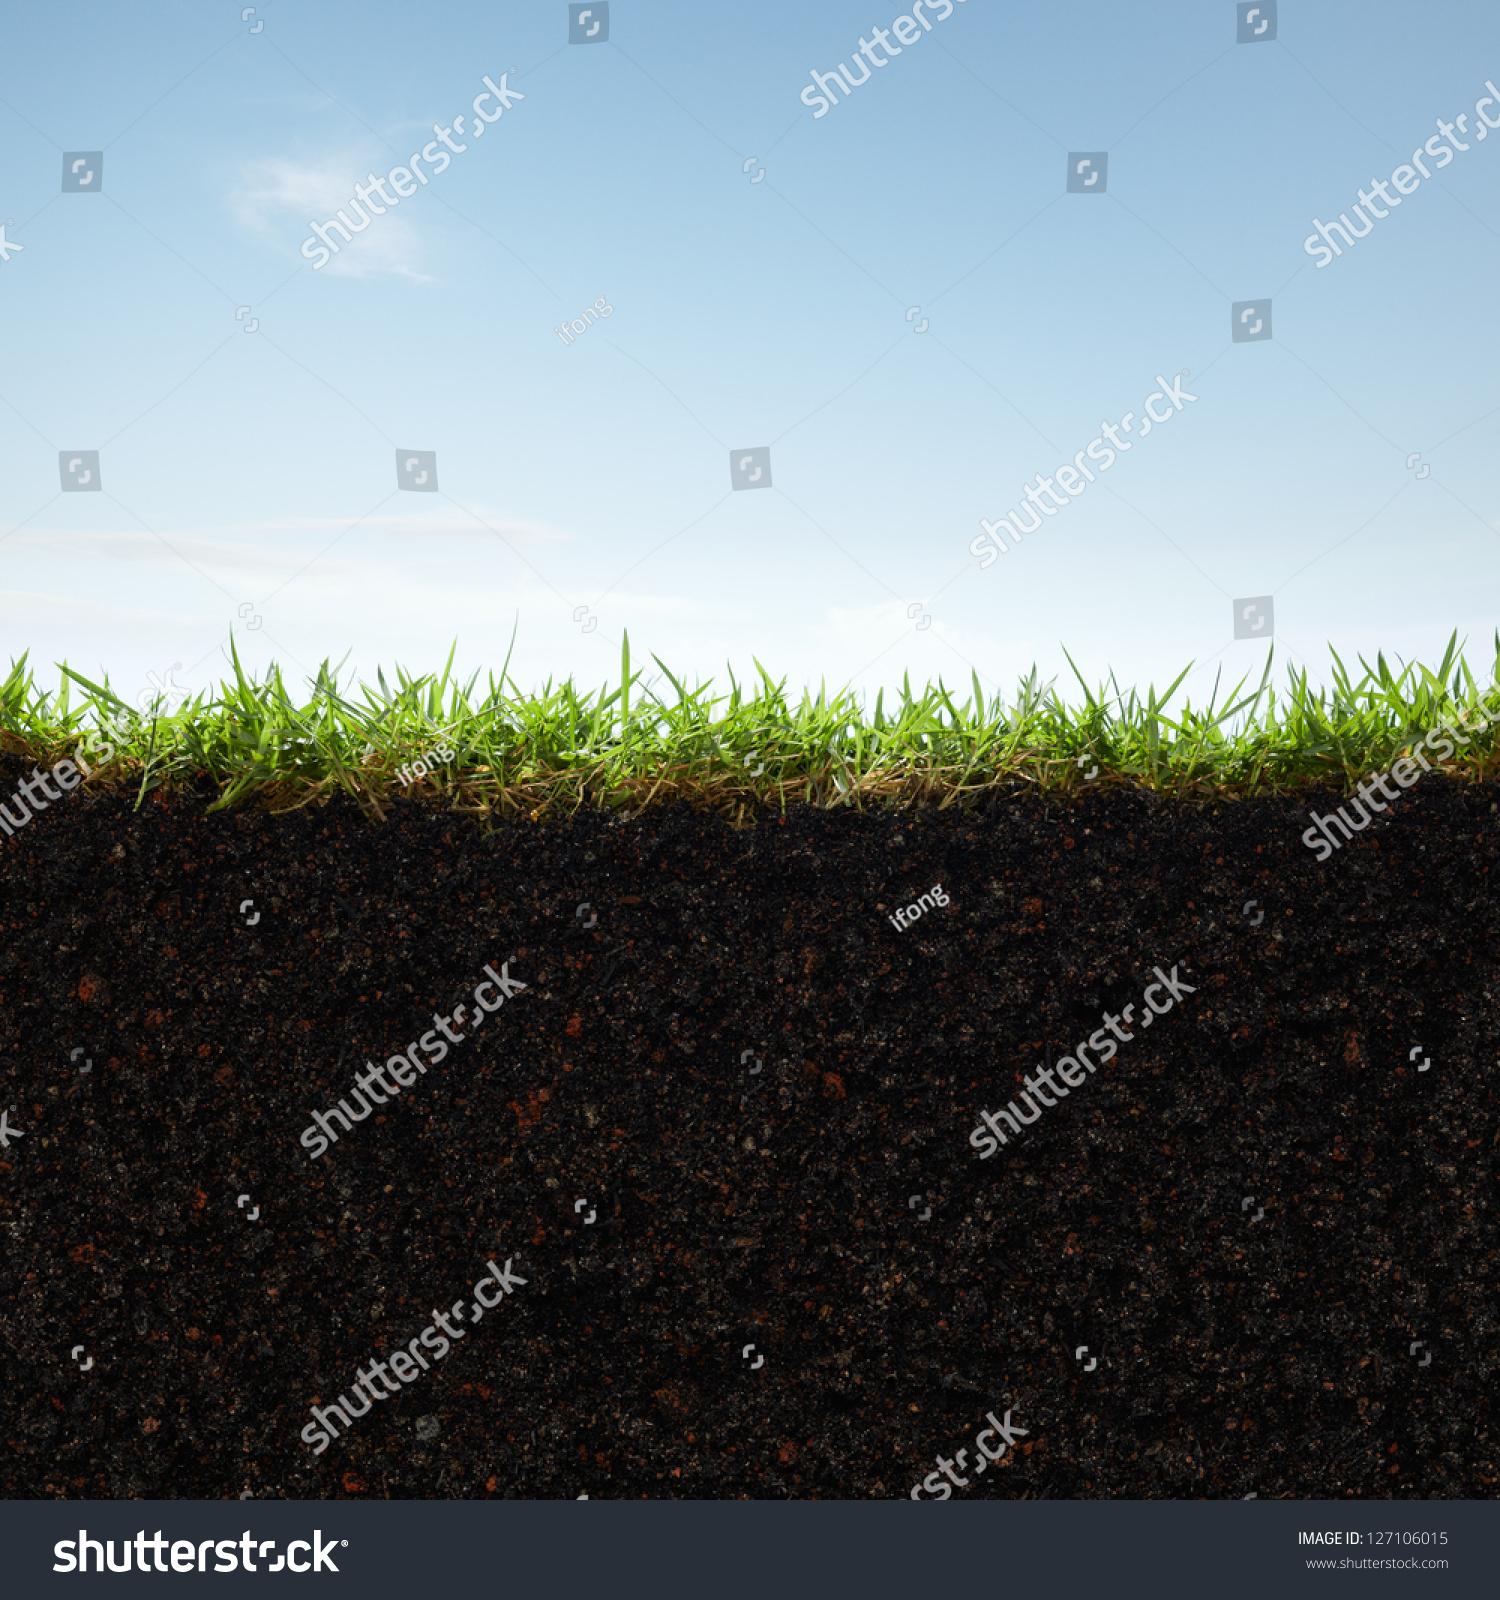 Cross Section Grass Soil Against Blue Stock Photo